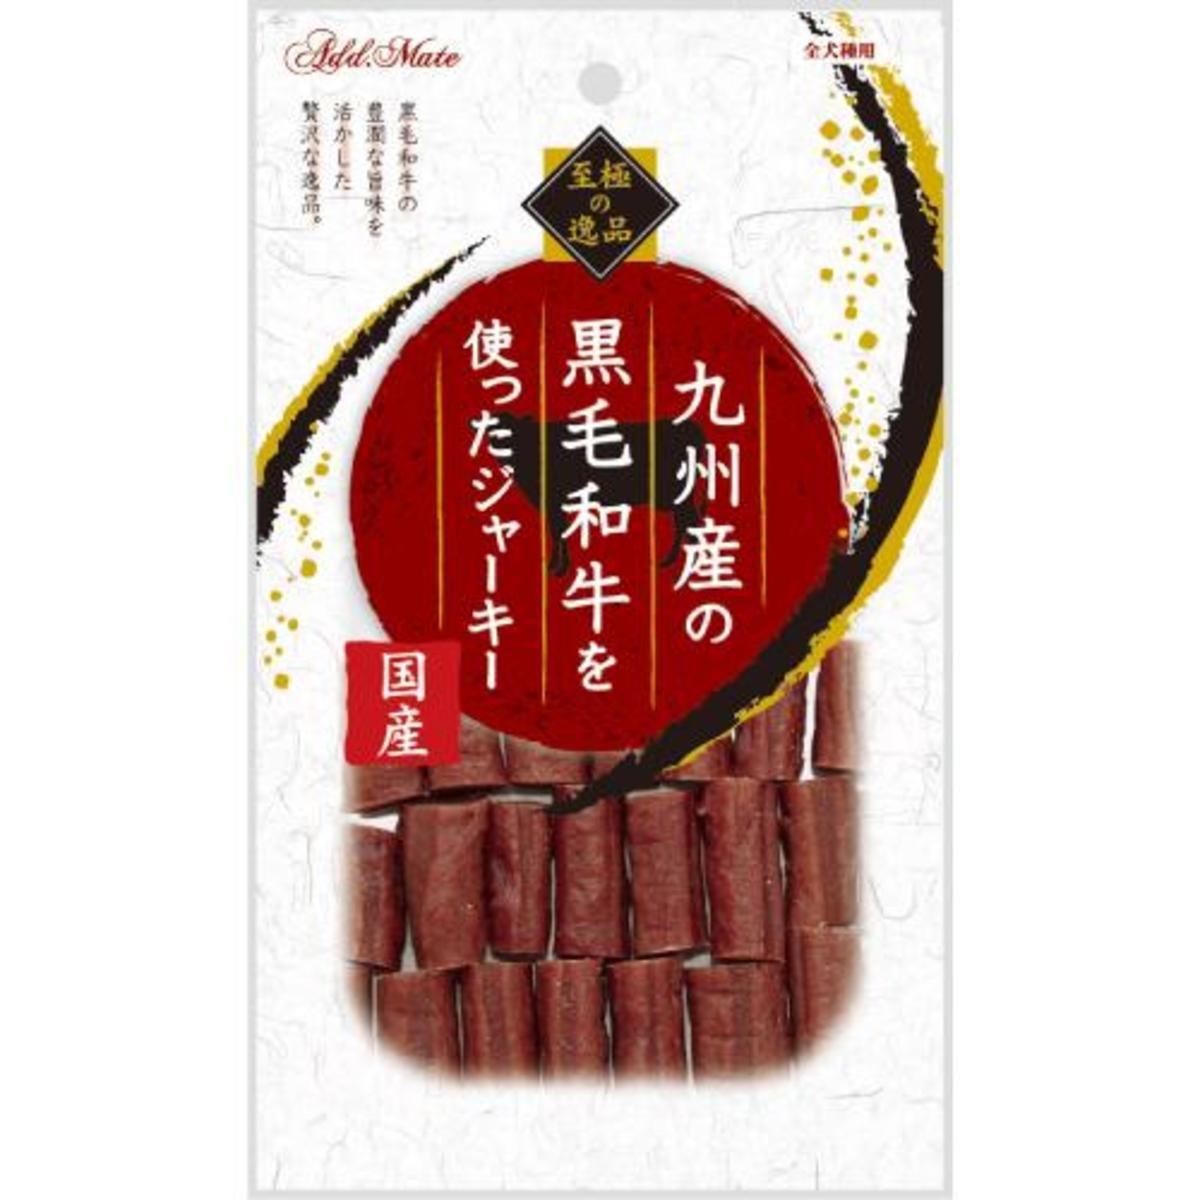 狗小食九州黑牛肉亁(A12375)